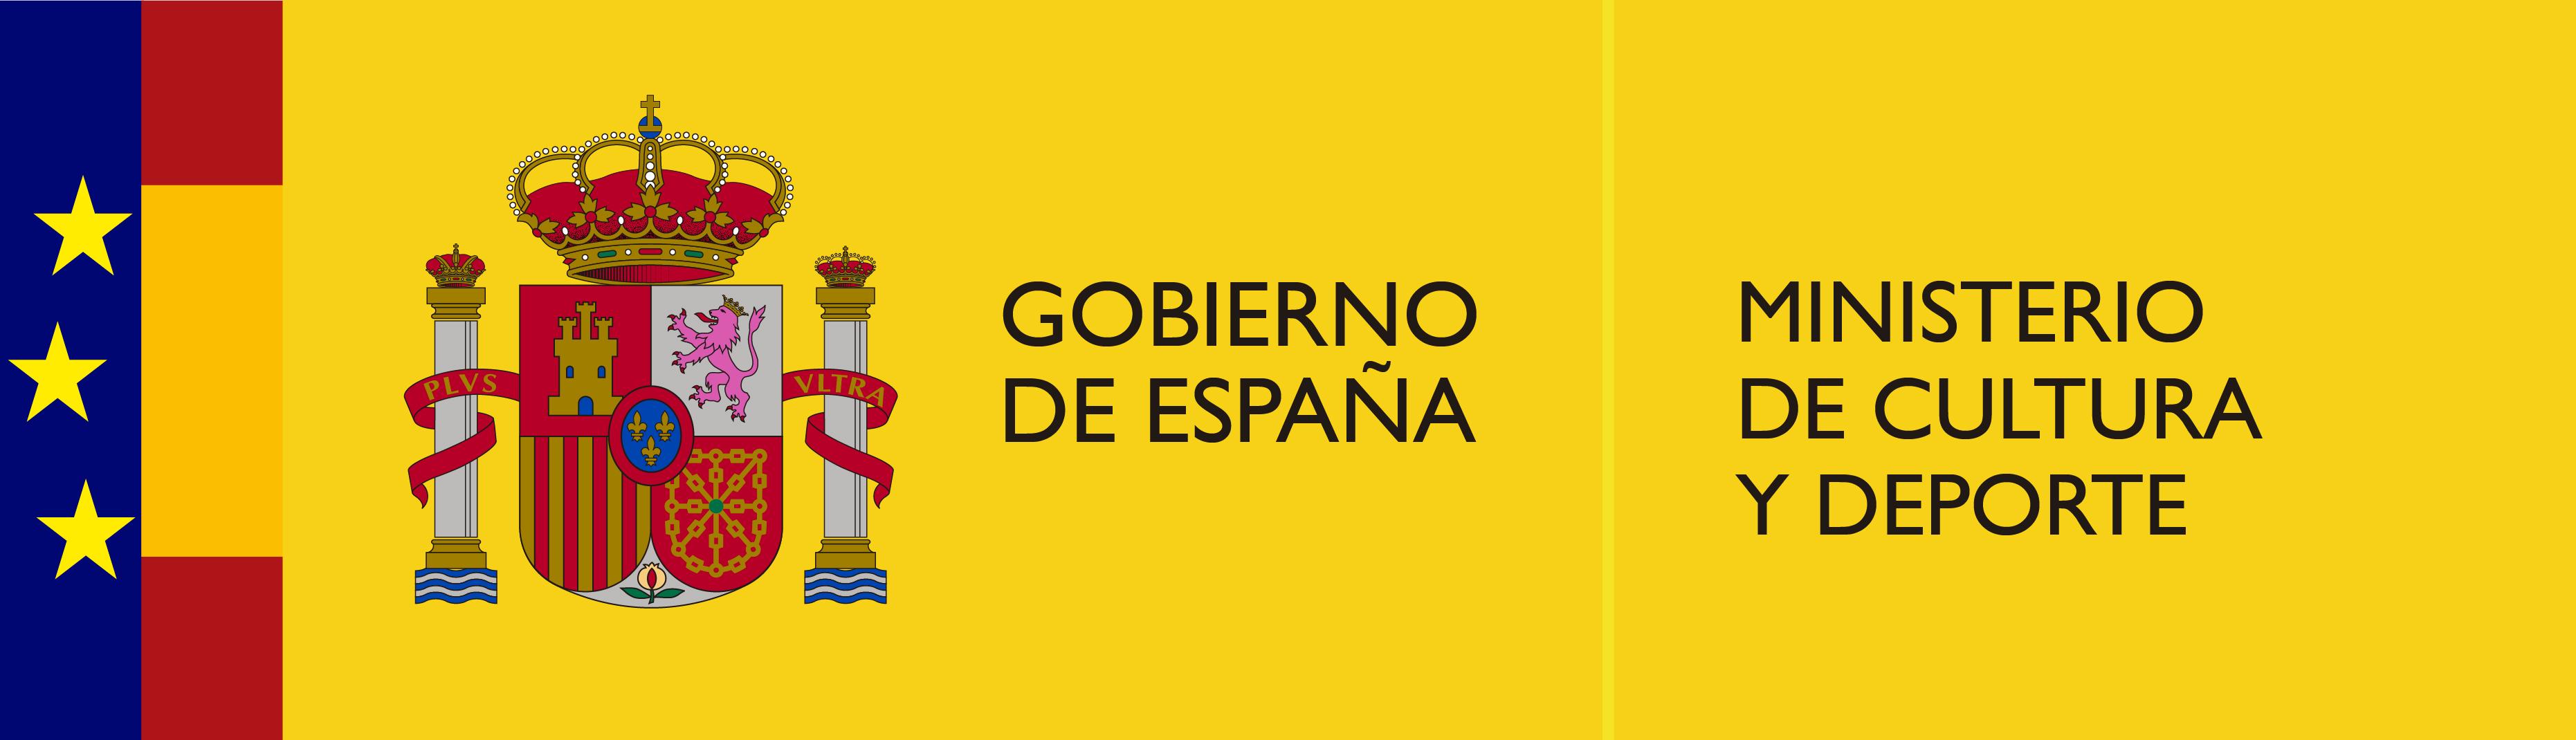 logo-Ministerio_cultura-deporte_color